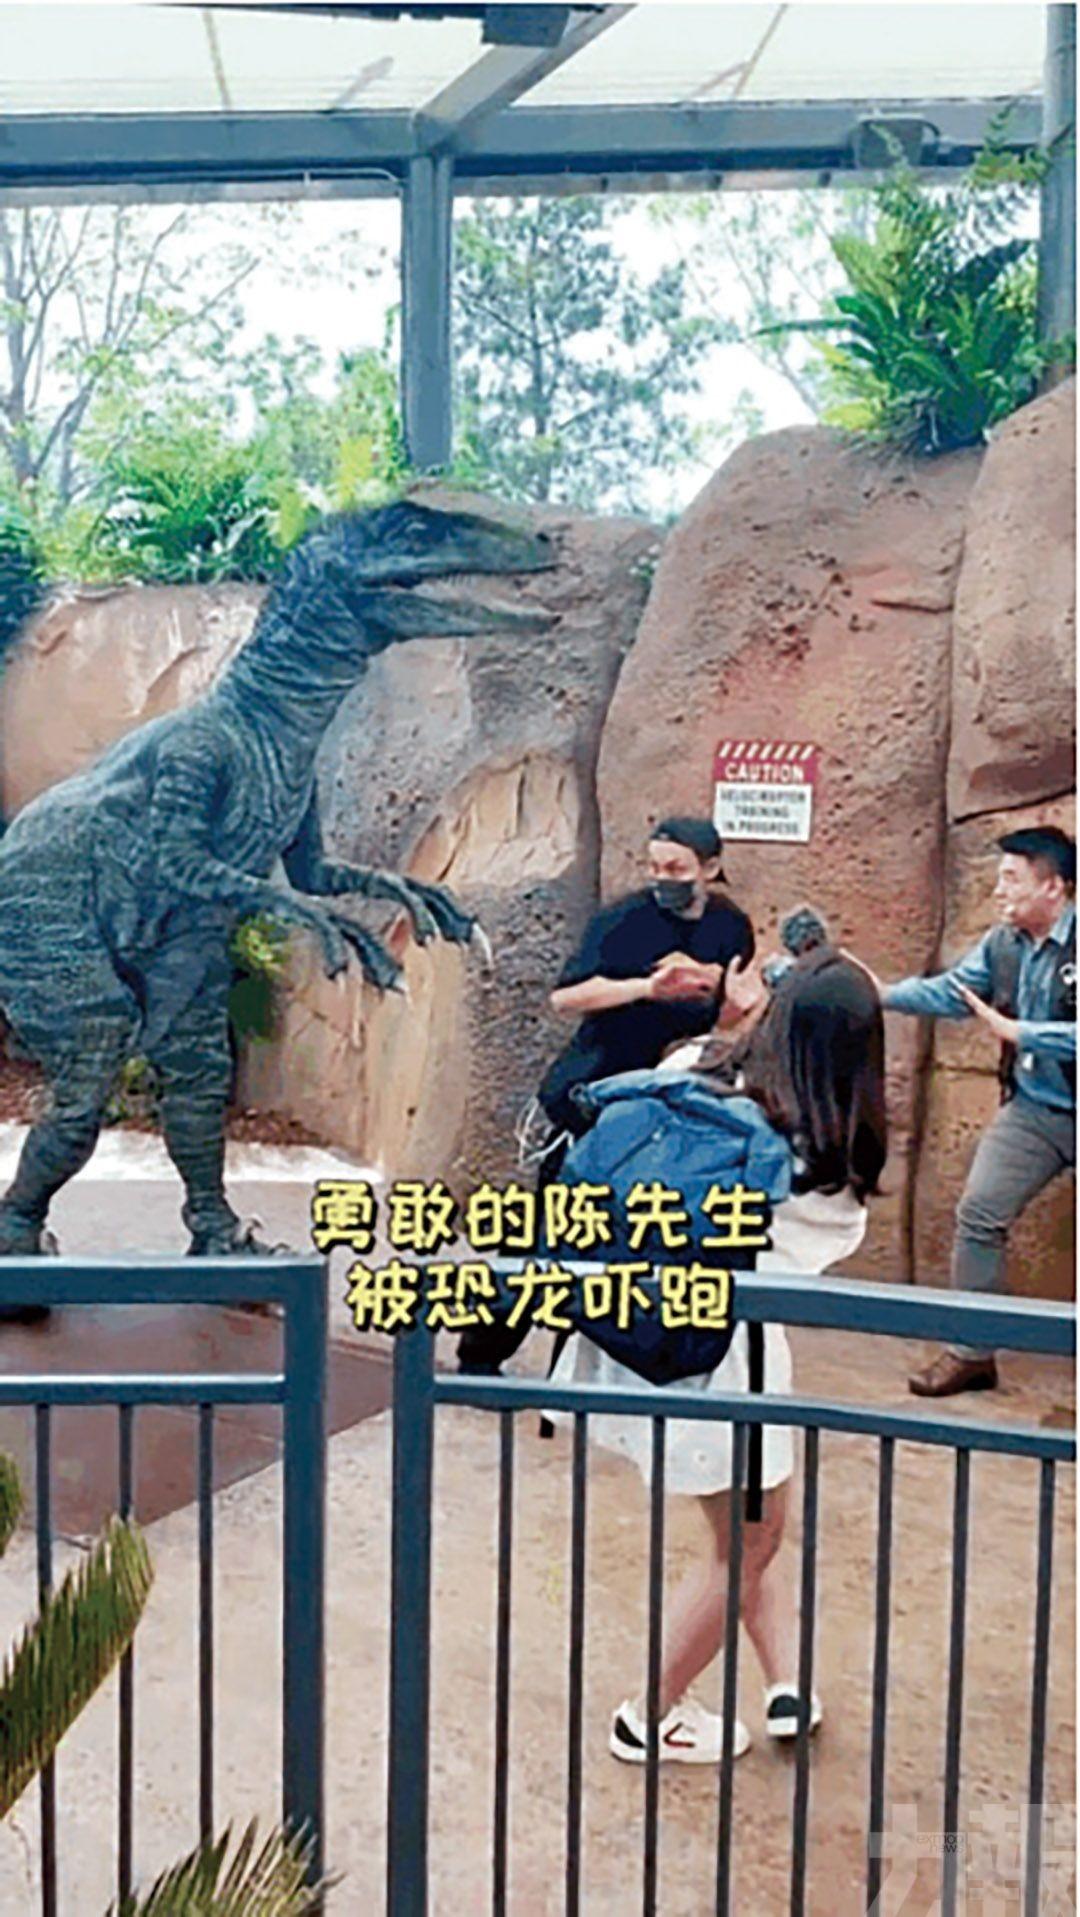 拖人個仔似拐帶畀恐龍嚇親